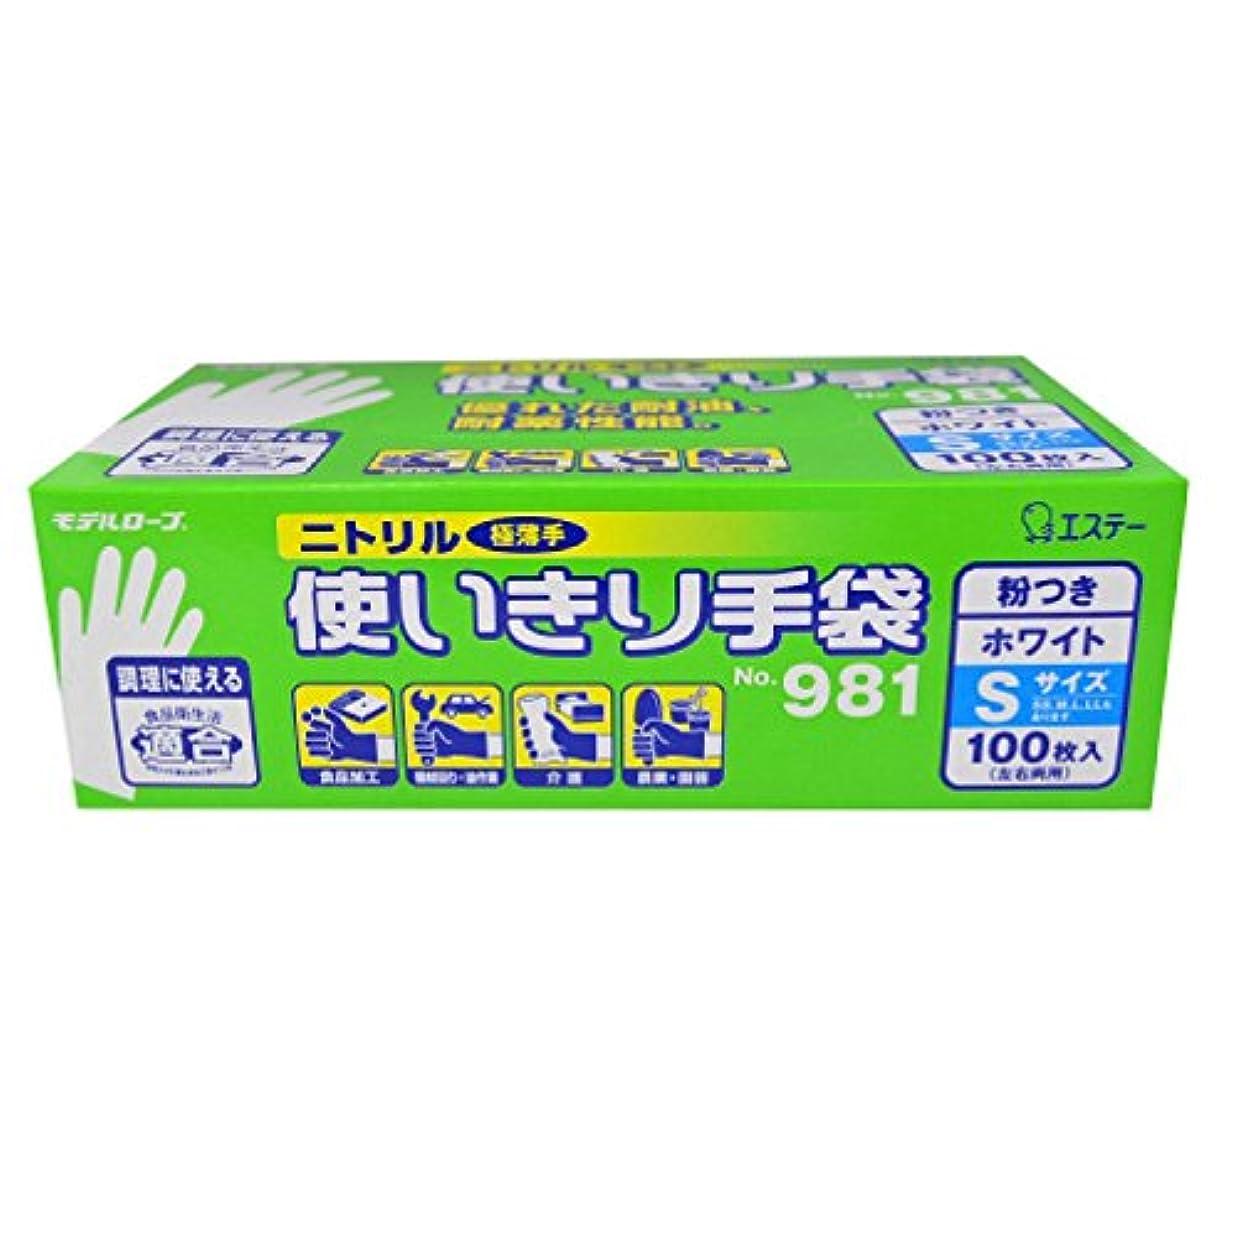 貫通手配するヒョウエステー/ニトリル使いきり手袋 箱入 (粉つき) [100枚入]/品番:981 サイズ:M カラー:ブルー